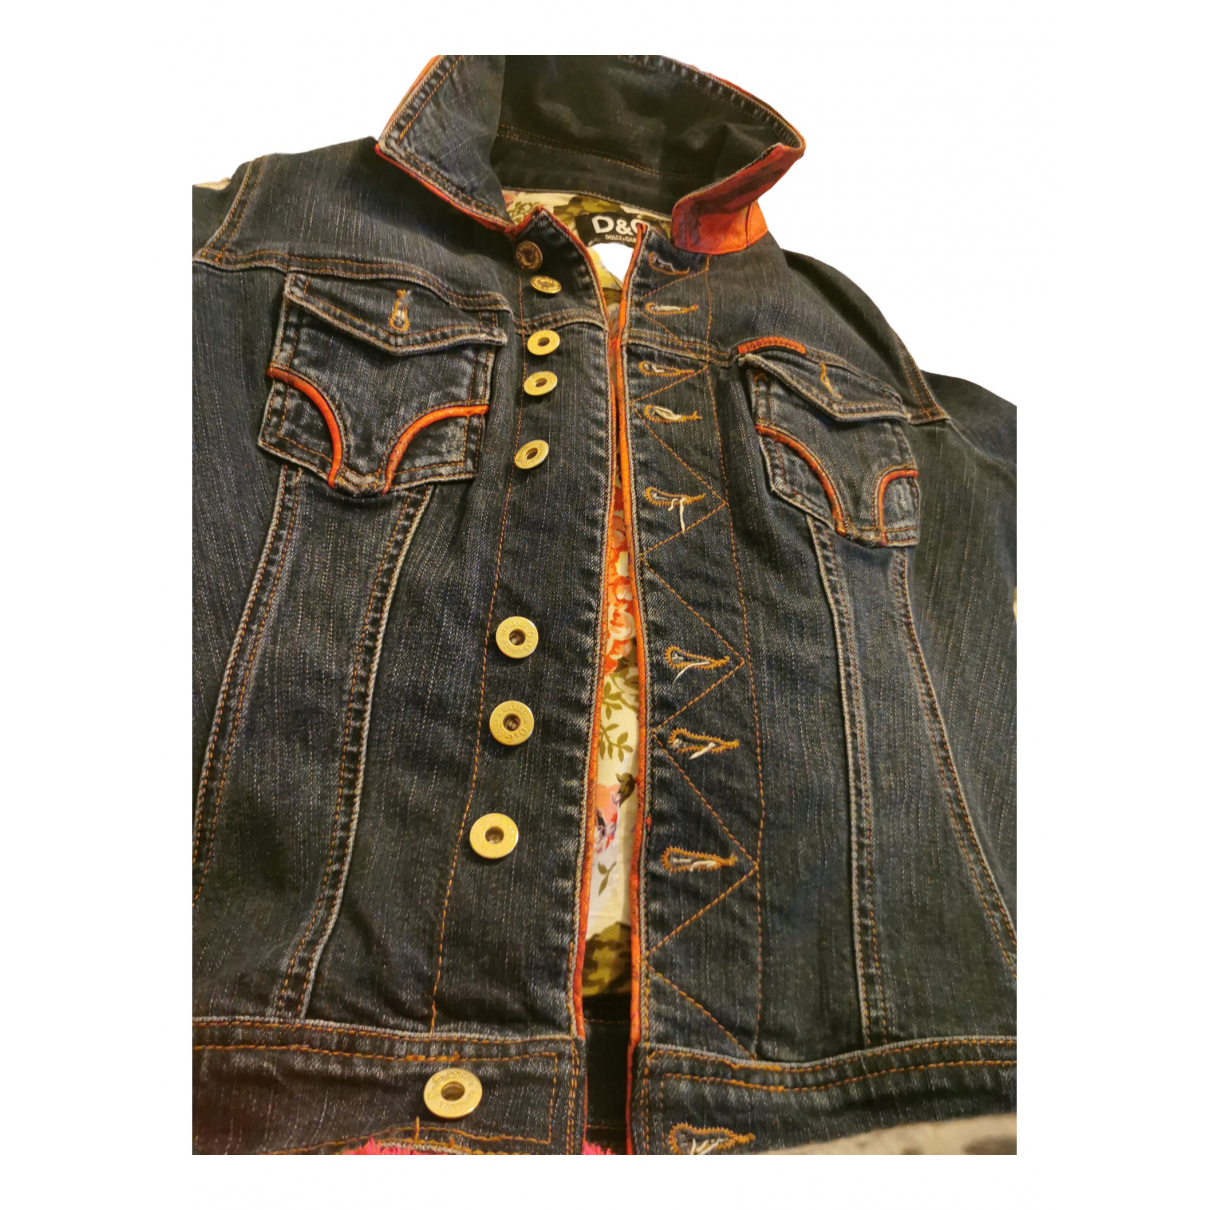 D&g N Blue Denim - Jeans jacket for Women 42 FR